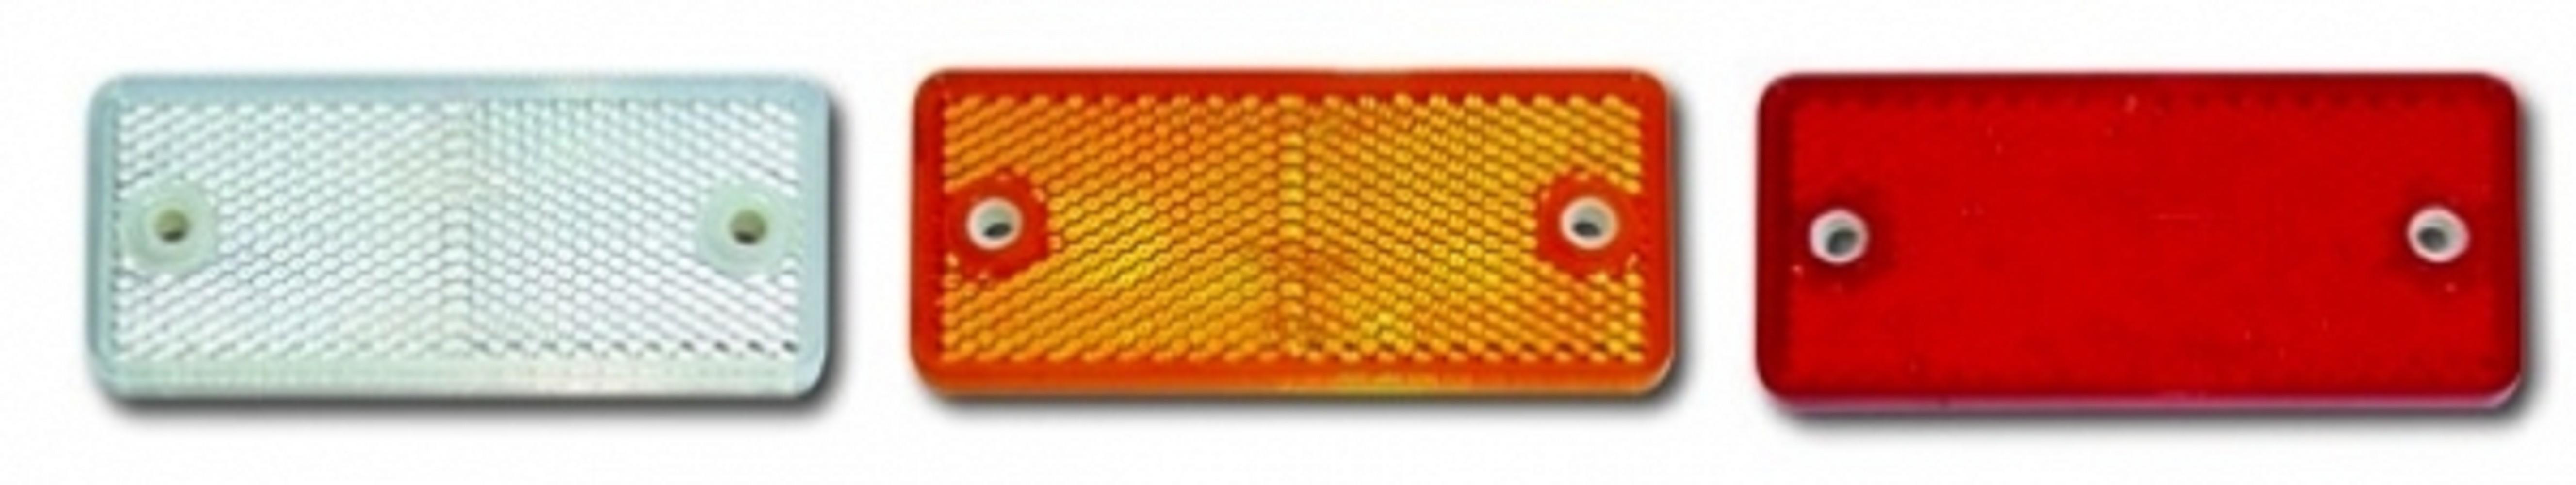 Rechteckiger Rückstrahler 90 x 40 mm in weiß, orange oder rot